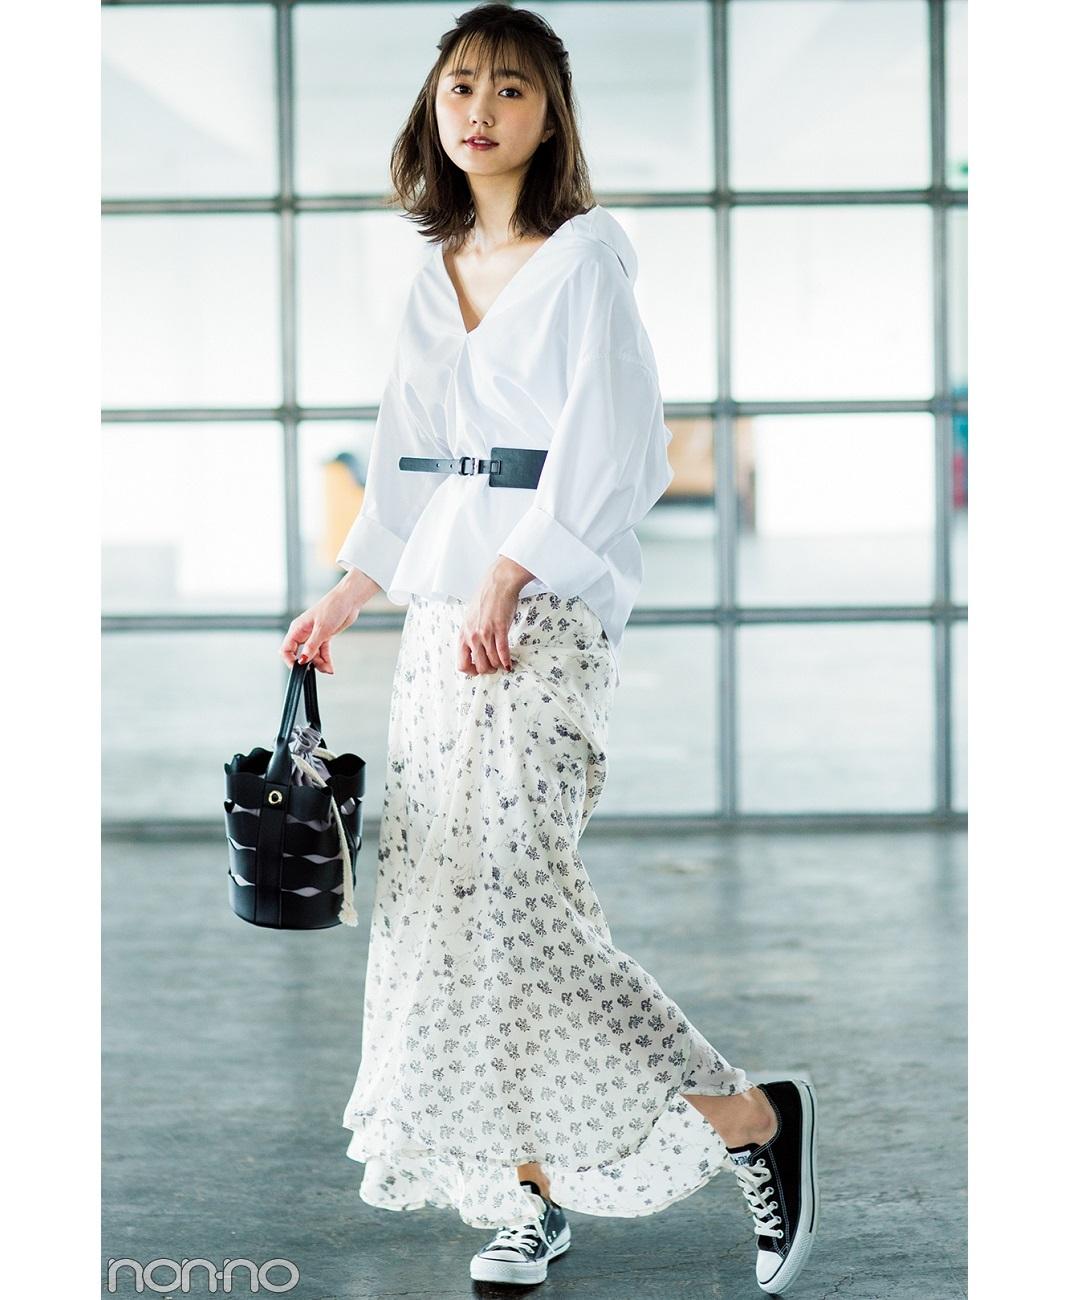 【夏のシャツコーデ】鈴木友菜は、トレンドのスカートカジュアルをトライ